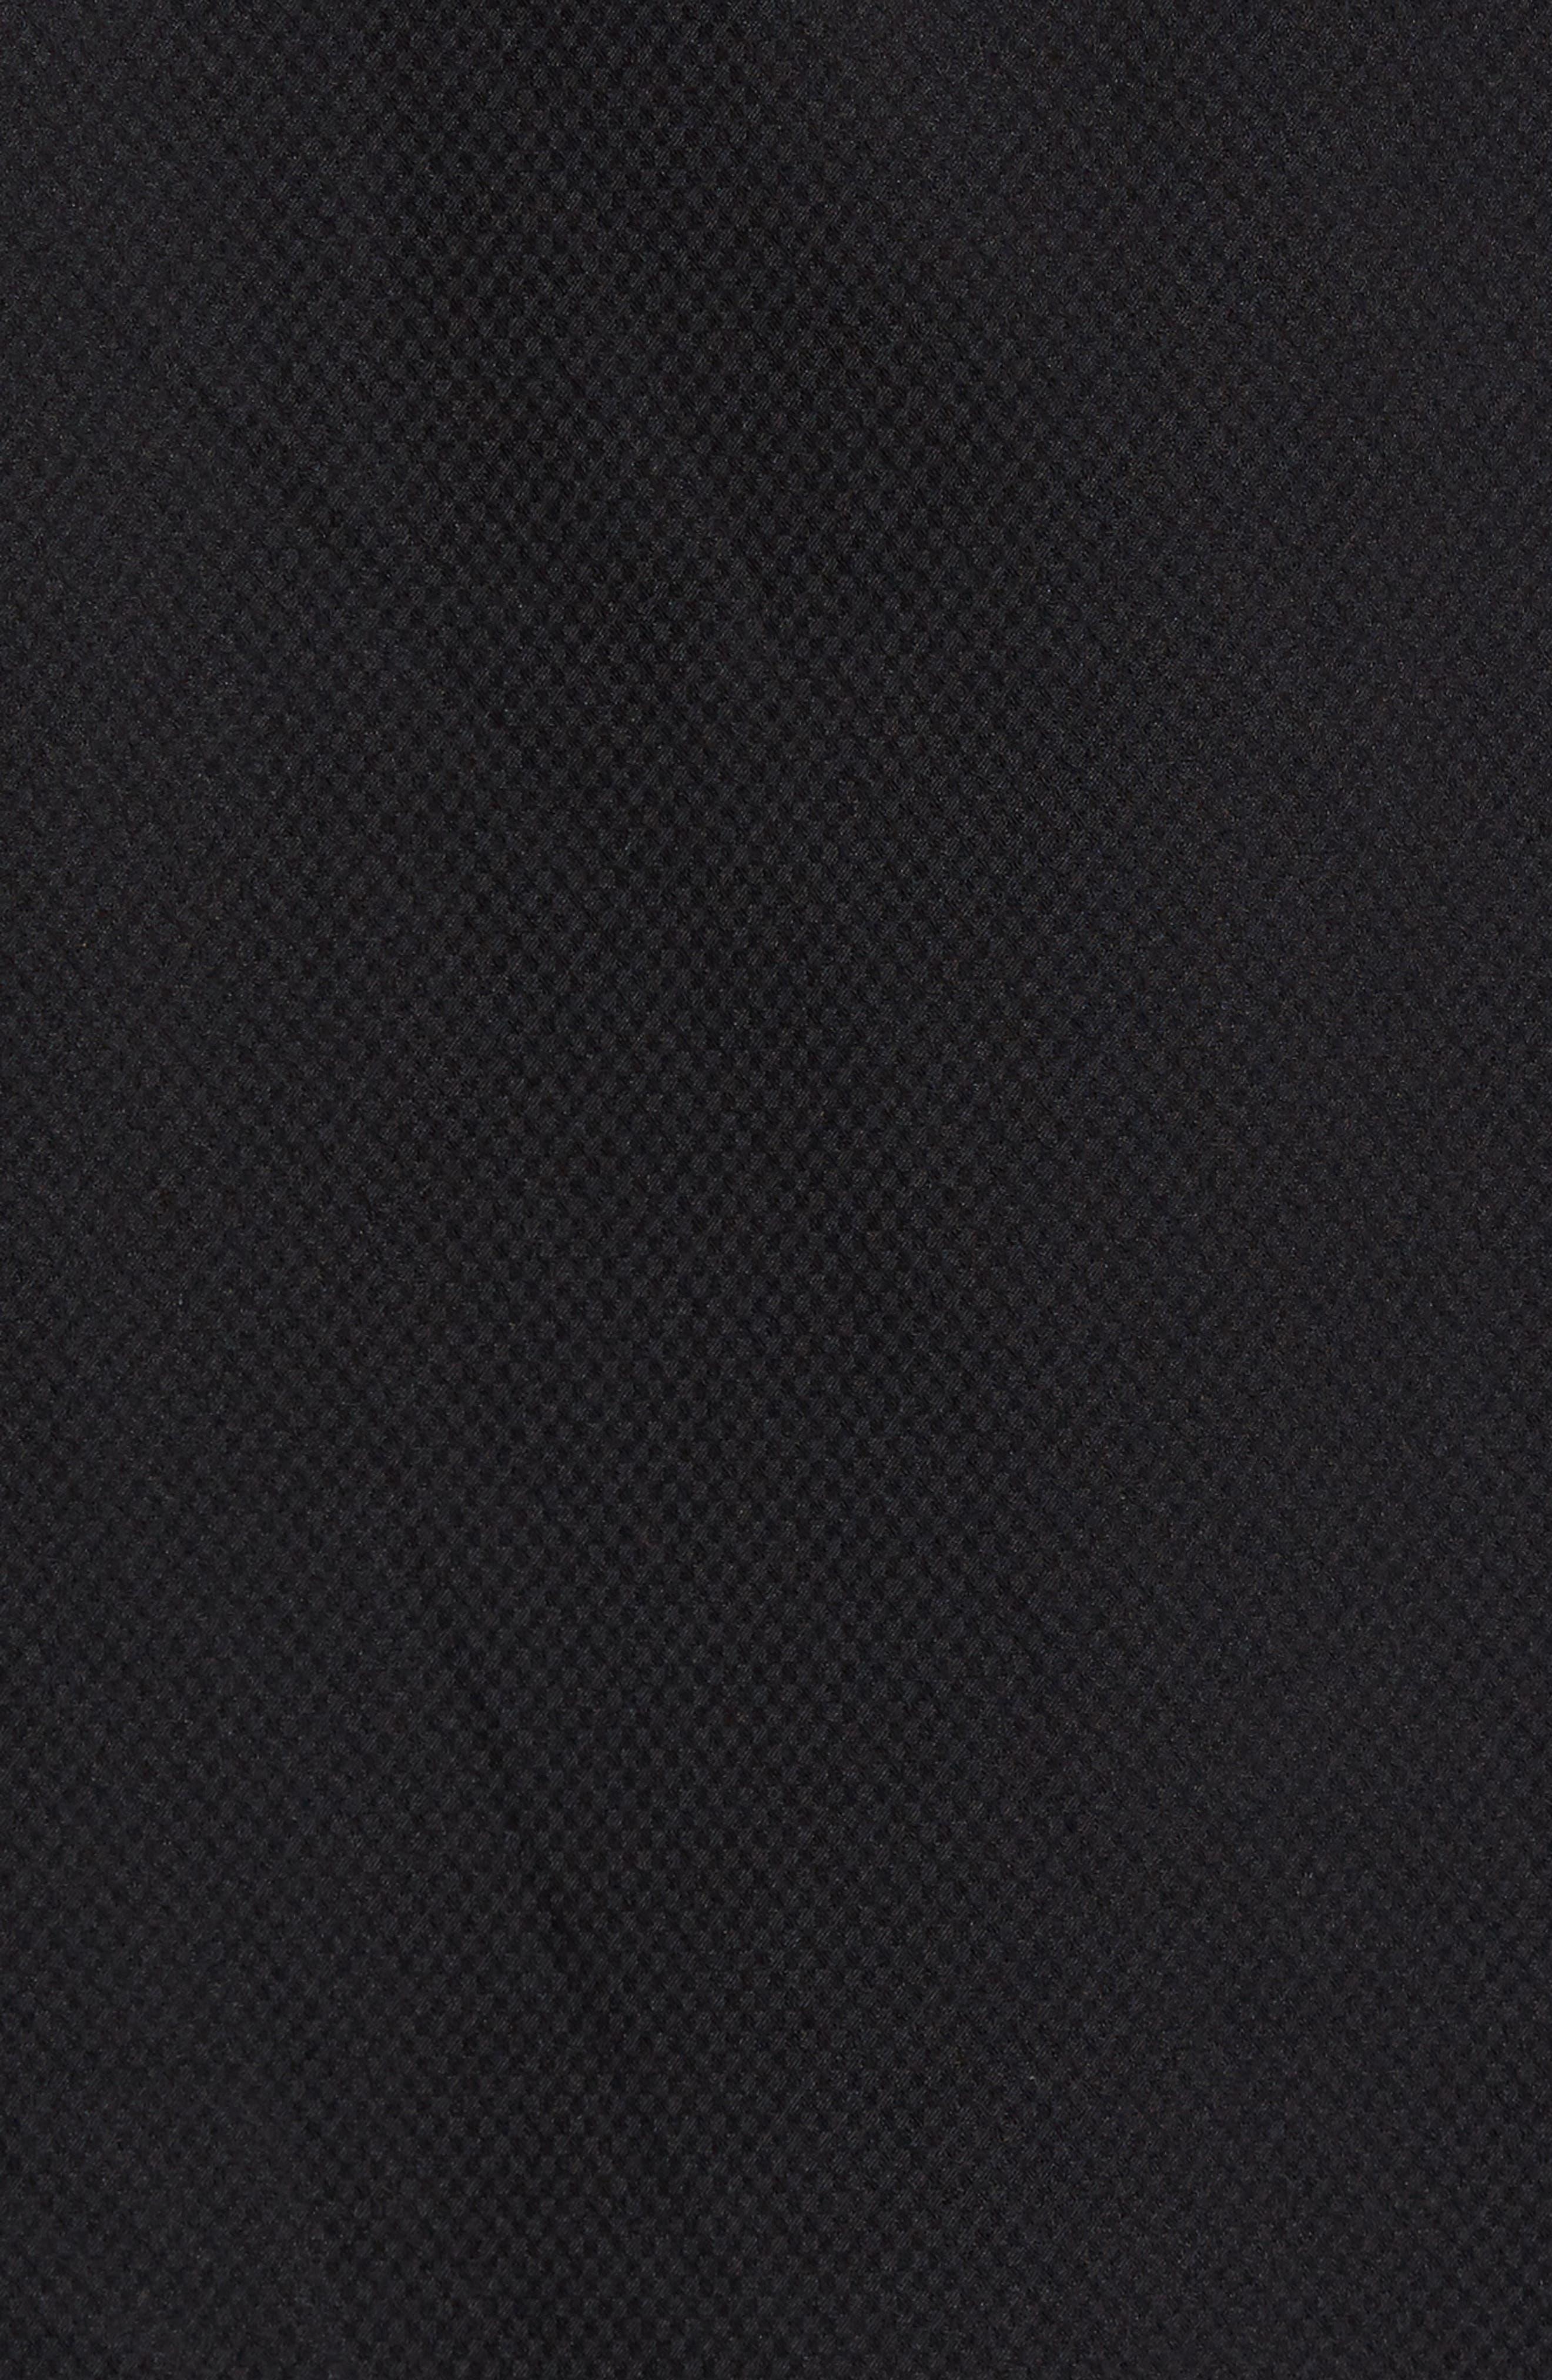 Runnning Flex Short Sleeve Anorak,                             Alternate thumbnail 5, color,                             Black